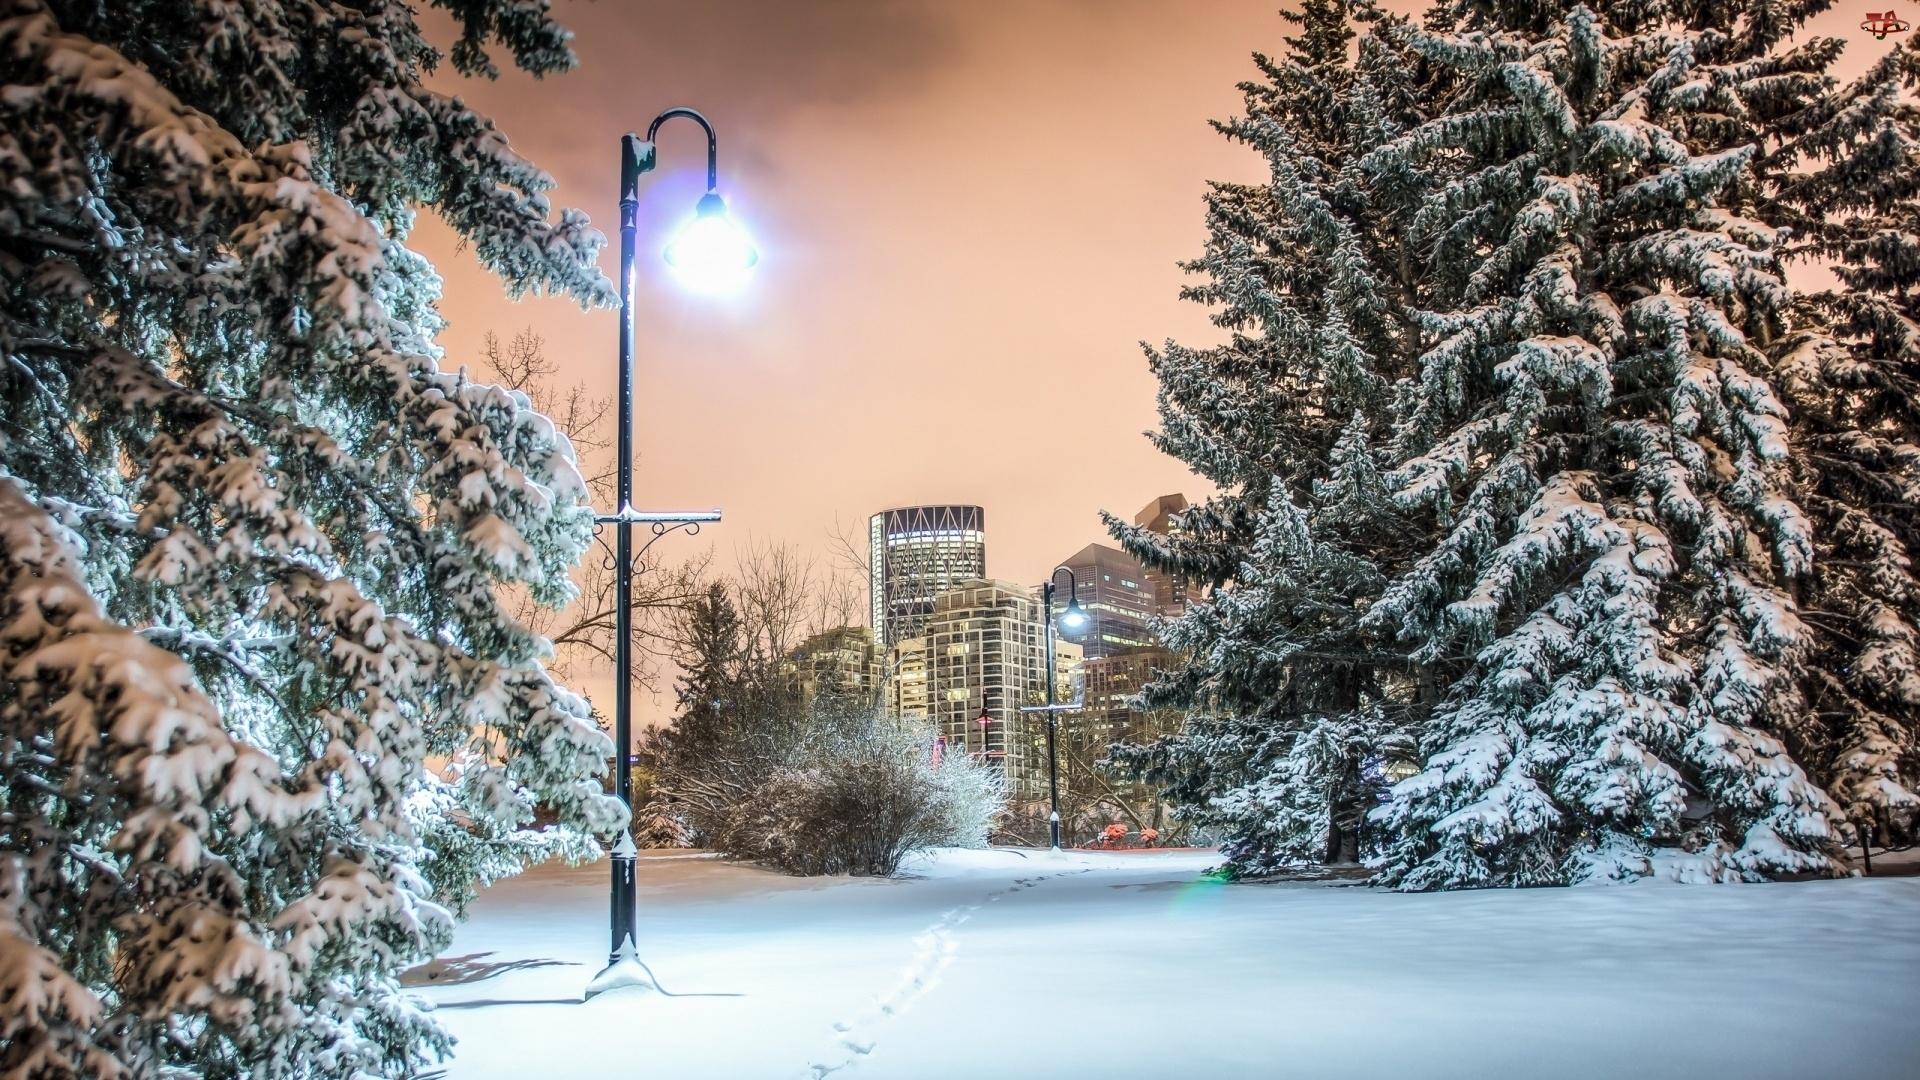 Lampa, Zima, Park